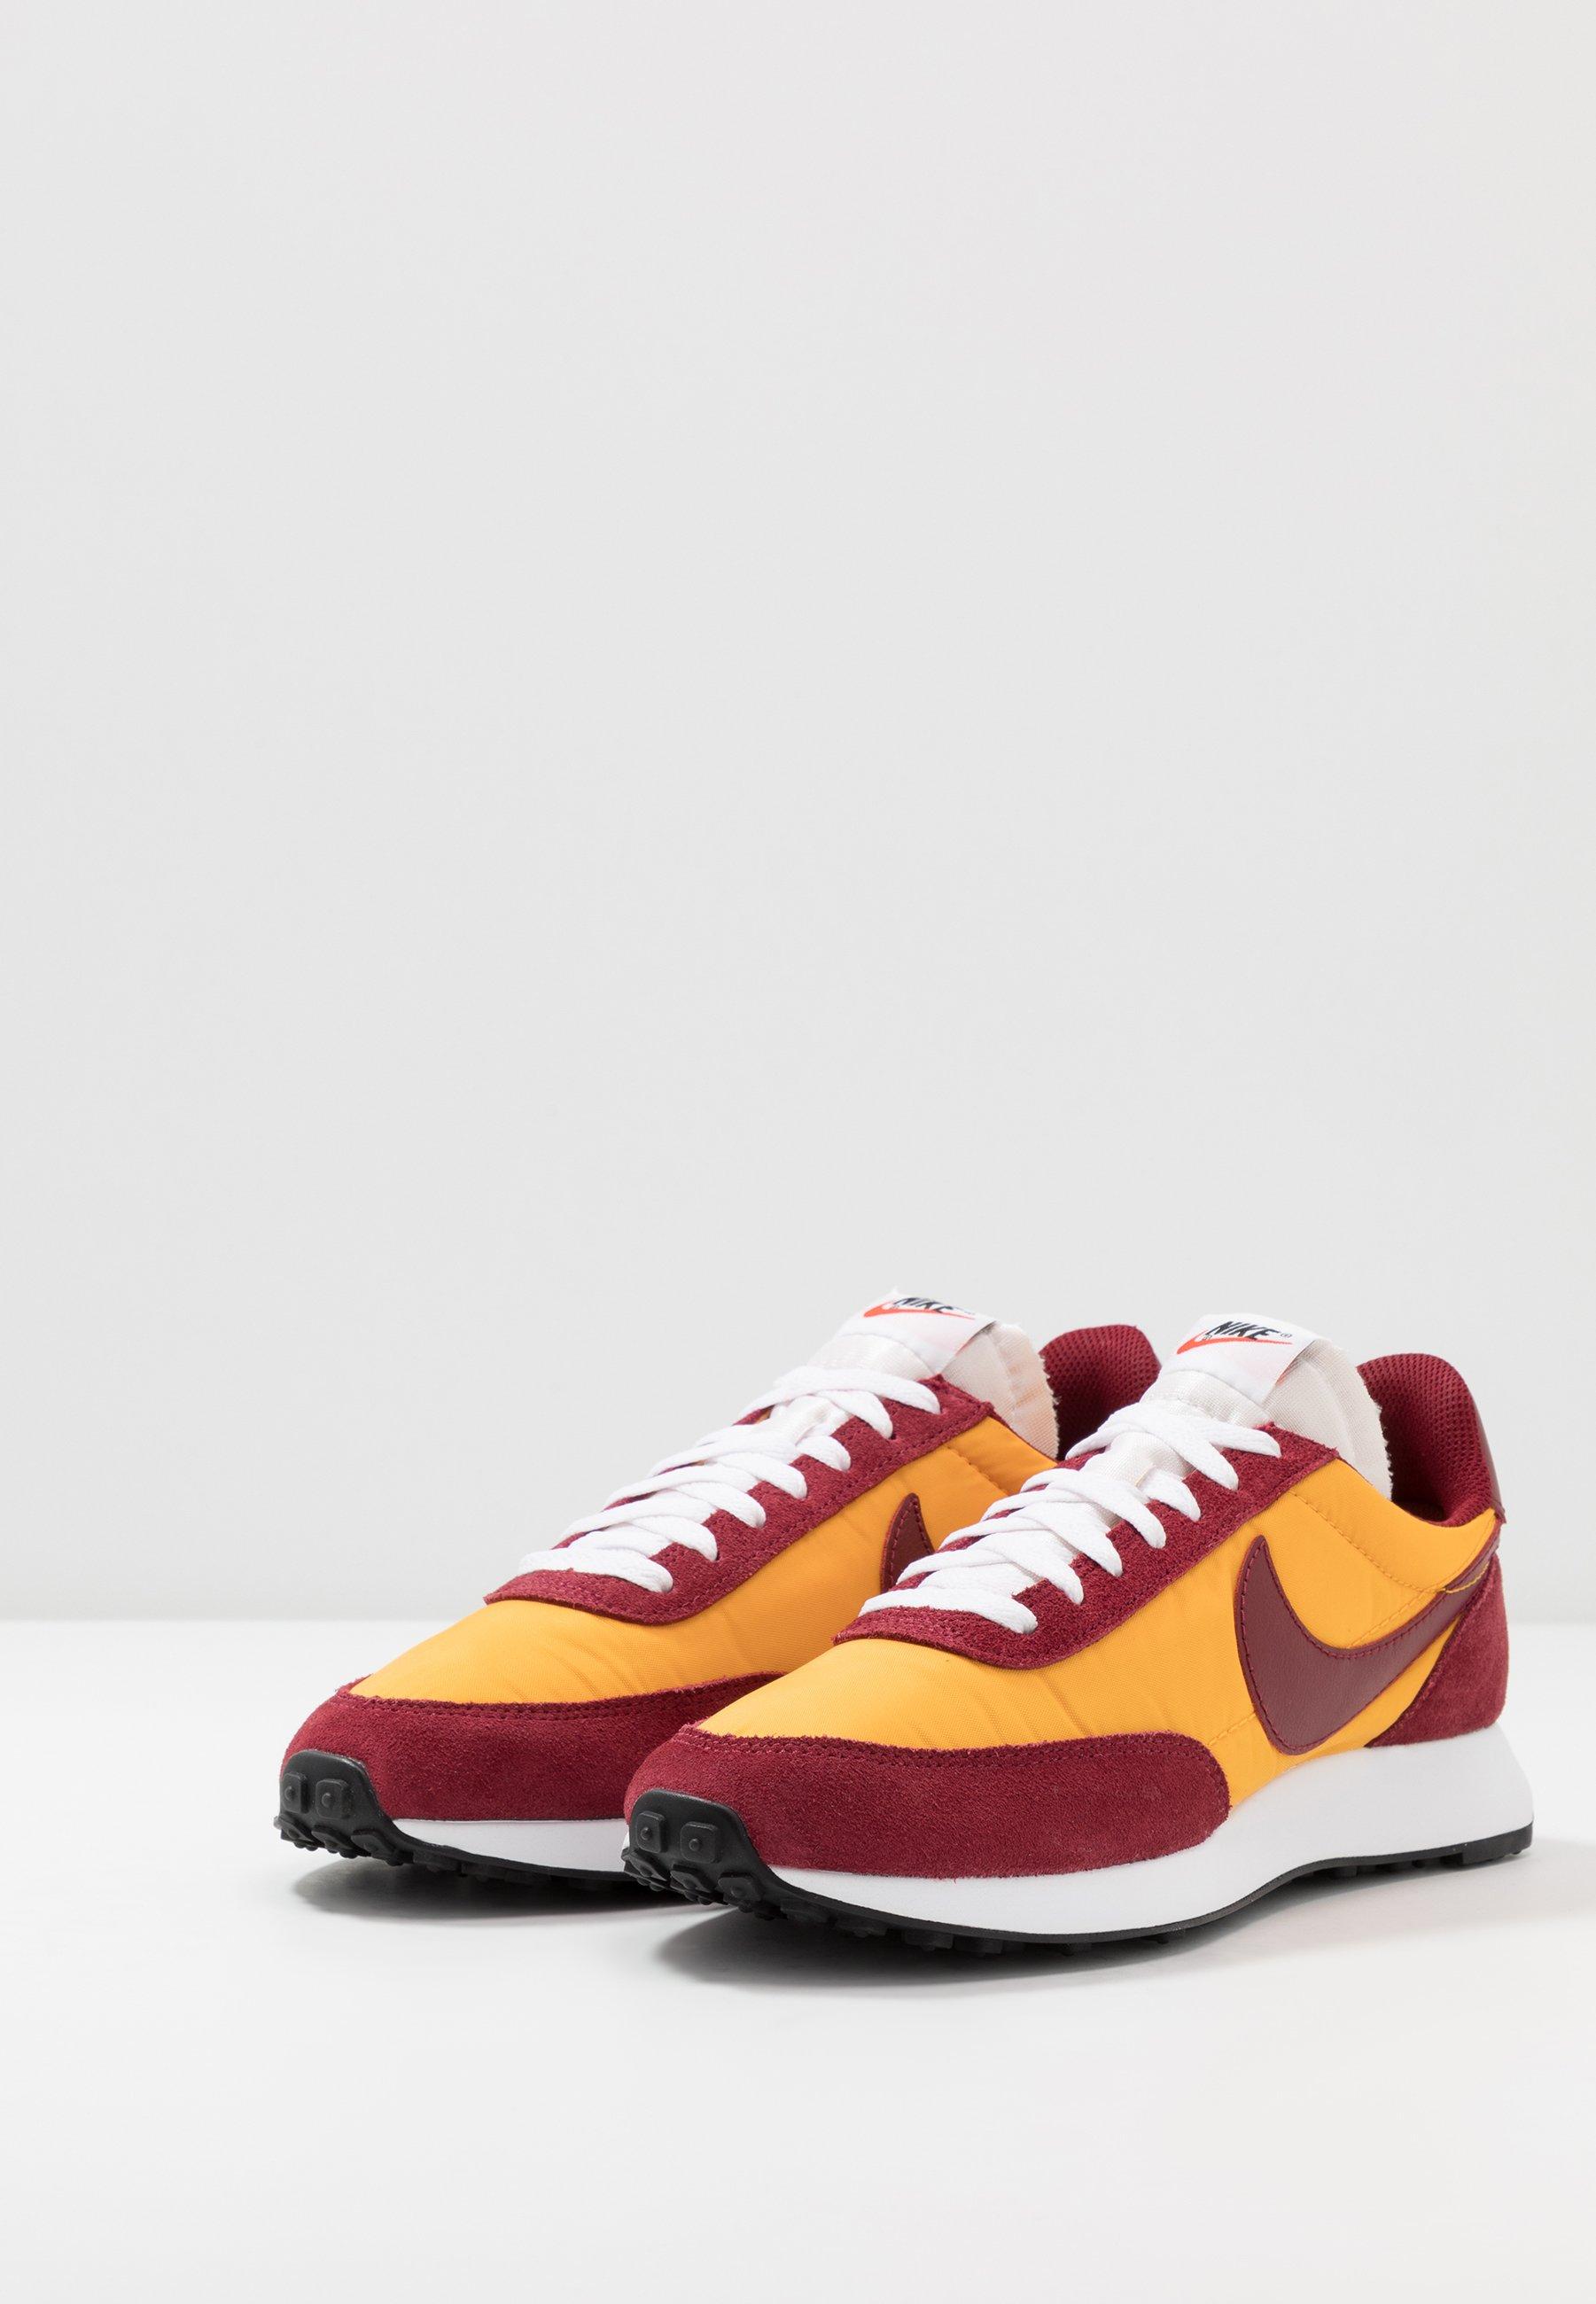 AIR TAILWIND 79 Sneakers university goldteam redwhiteblackteam orange